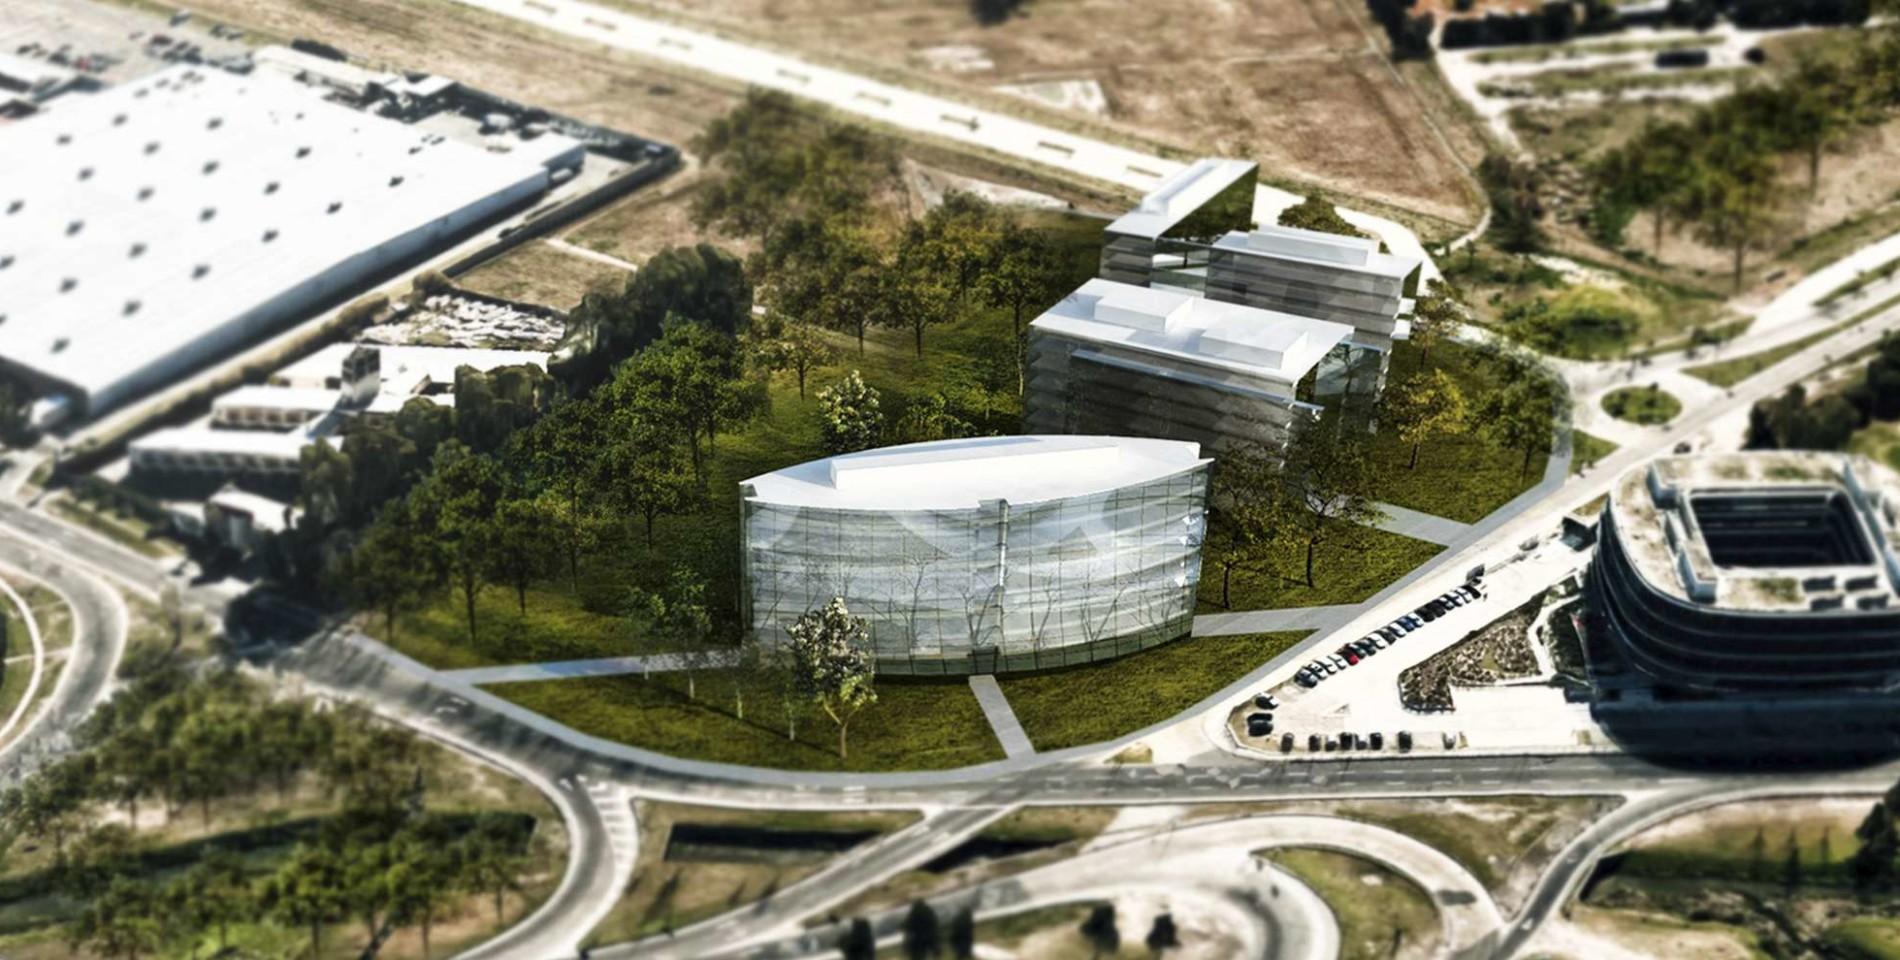 oficinas-en-parque-de-la-reconquista-2